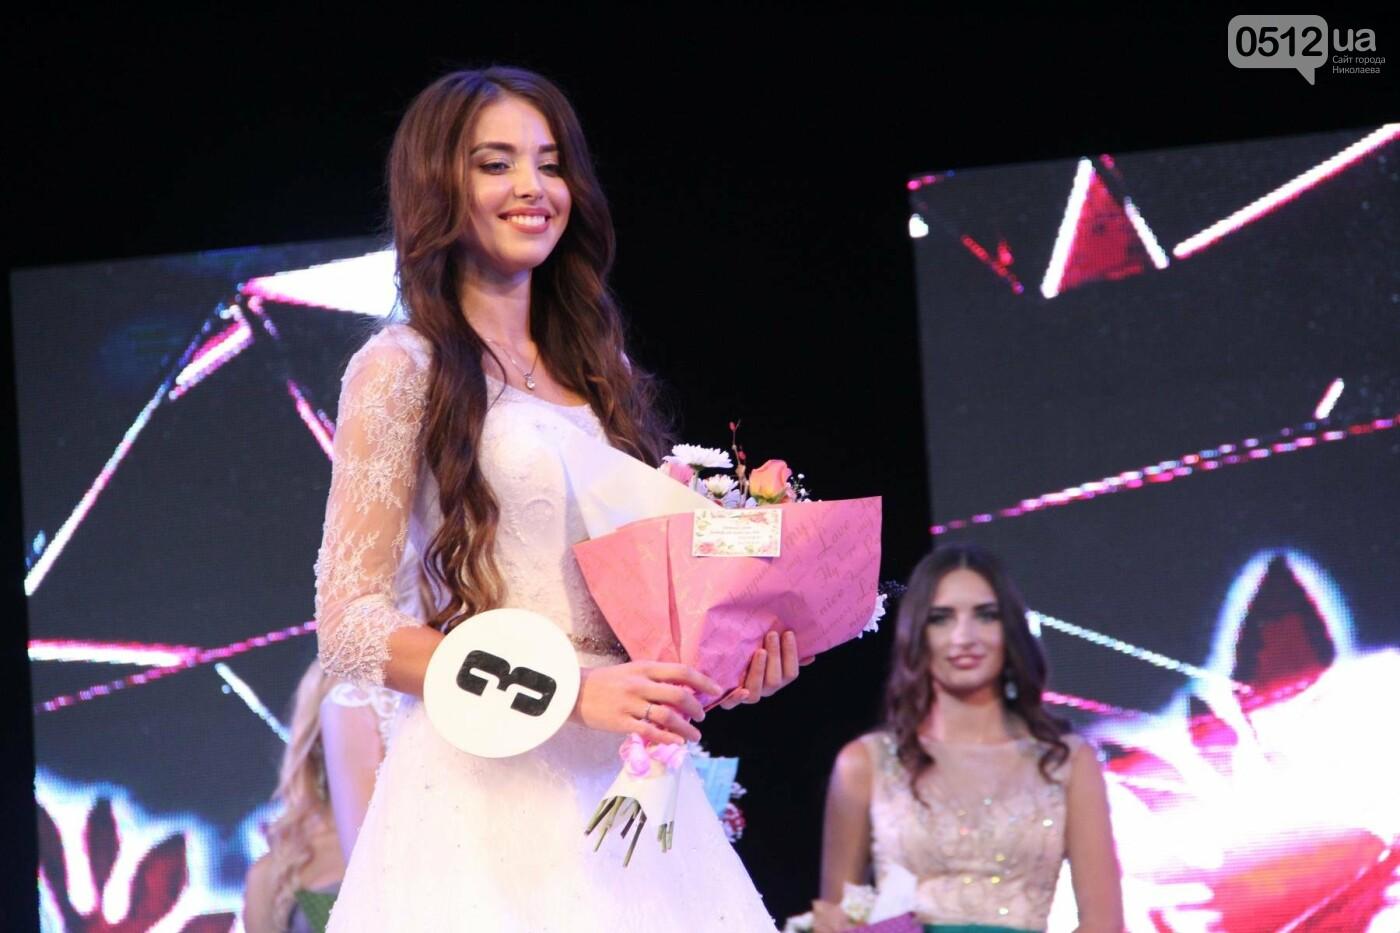 В Николаеве на конкурсе «Miss Top model Ukraine» выбрали самую красивую модель в Украине, - ФОТО, фото-3